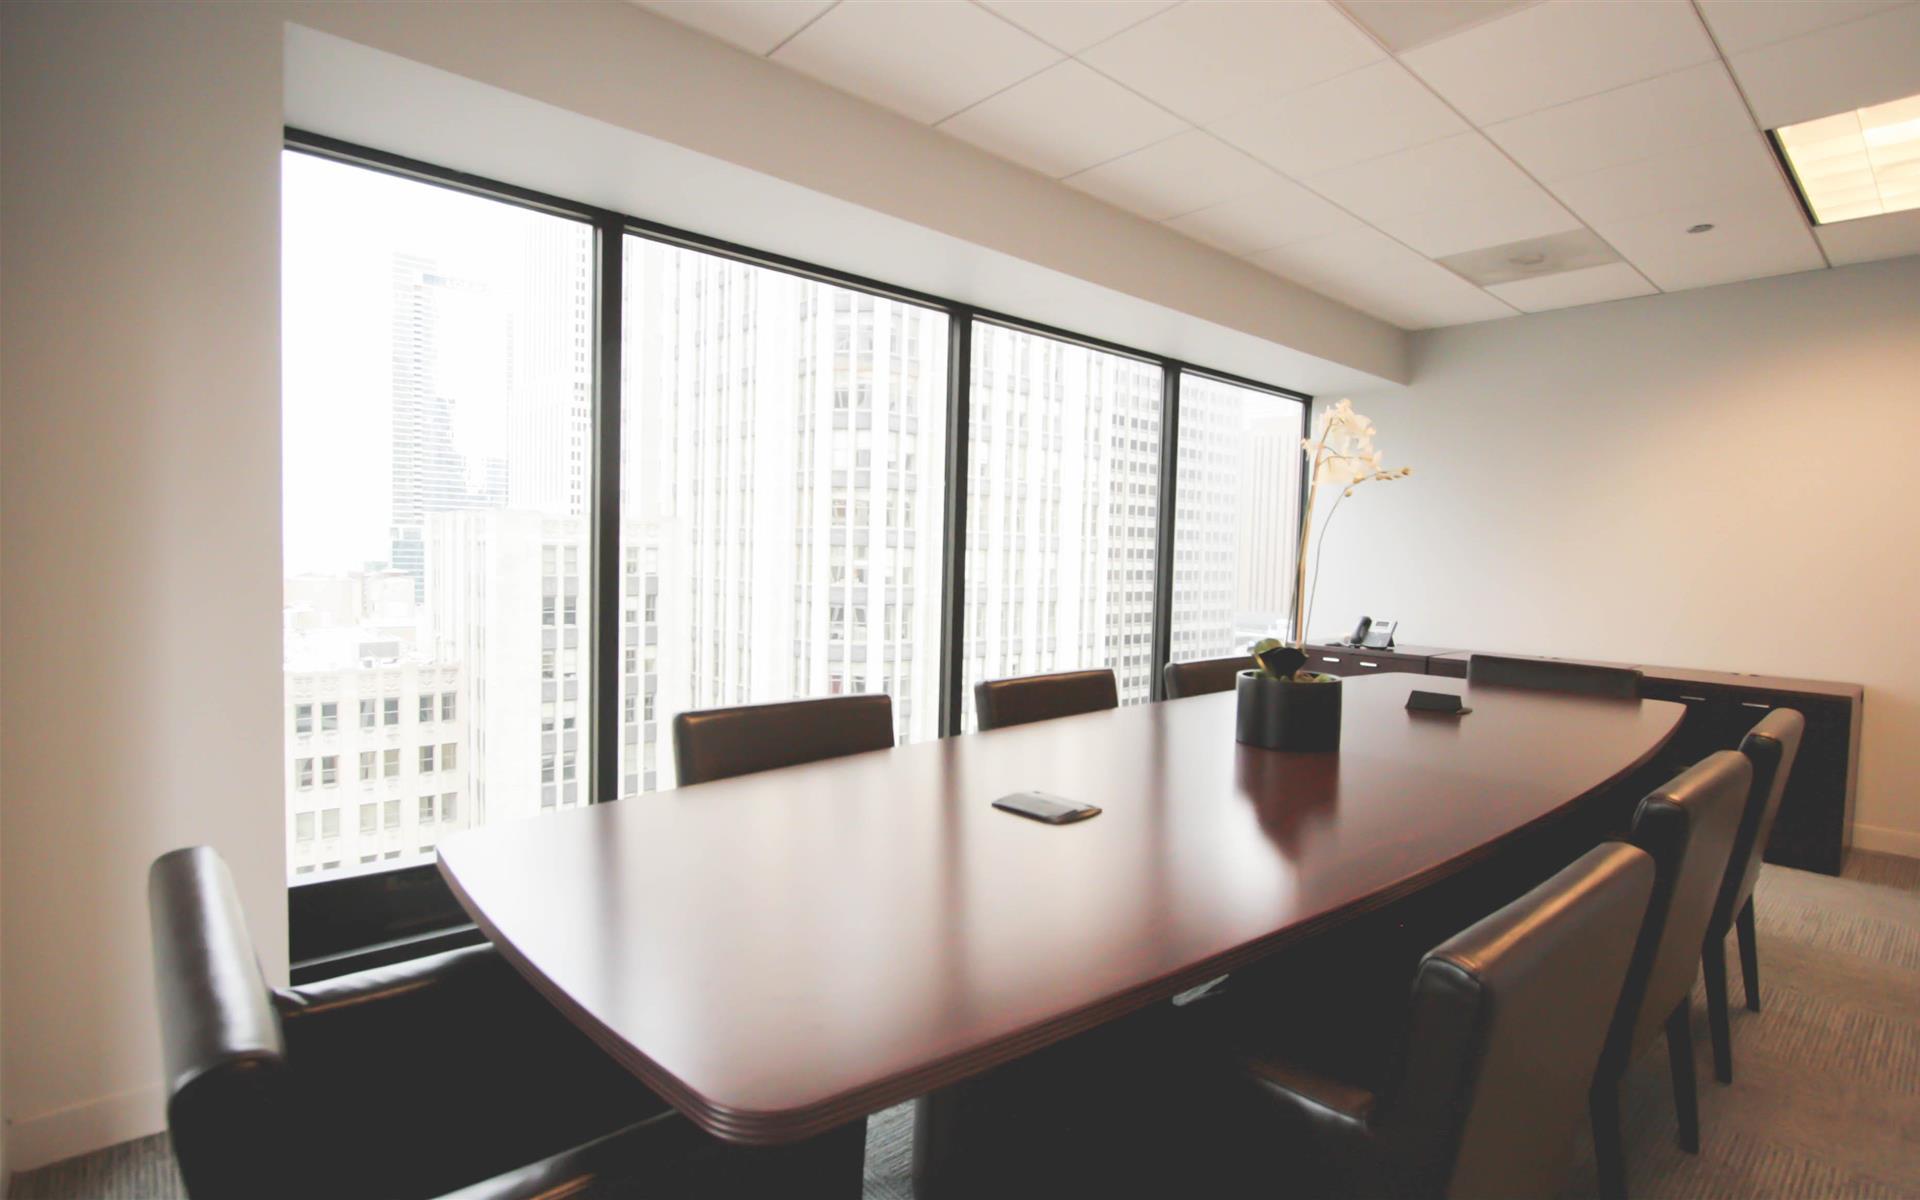 BeOffice | URBAN WORKSPACES - Monthly Boardroom